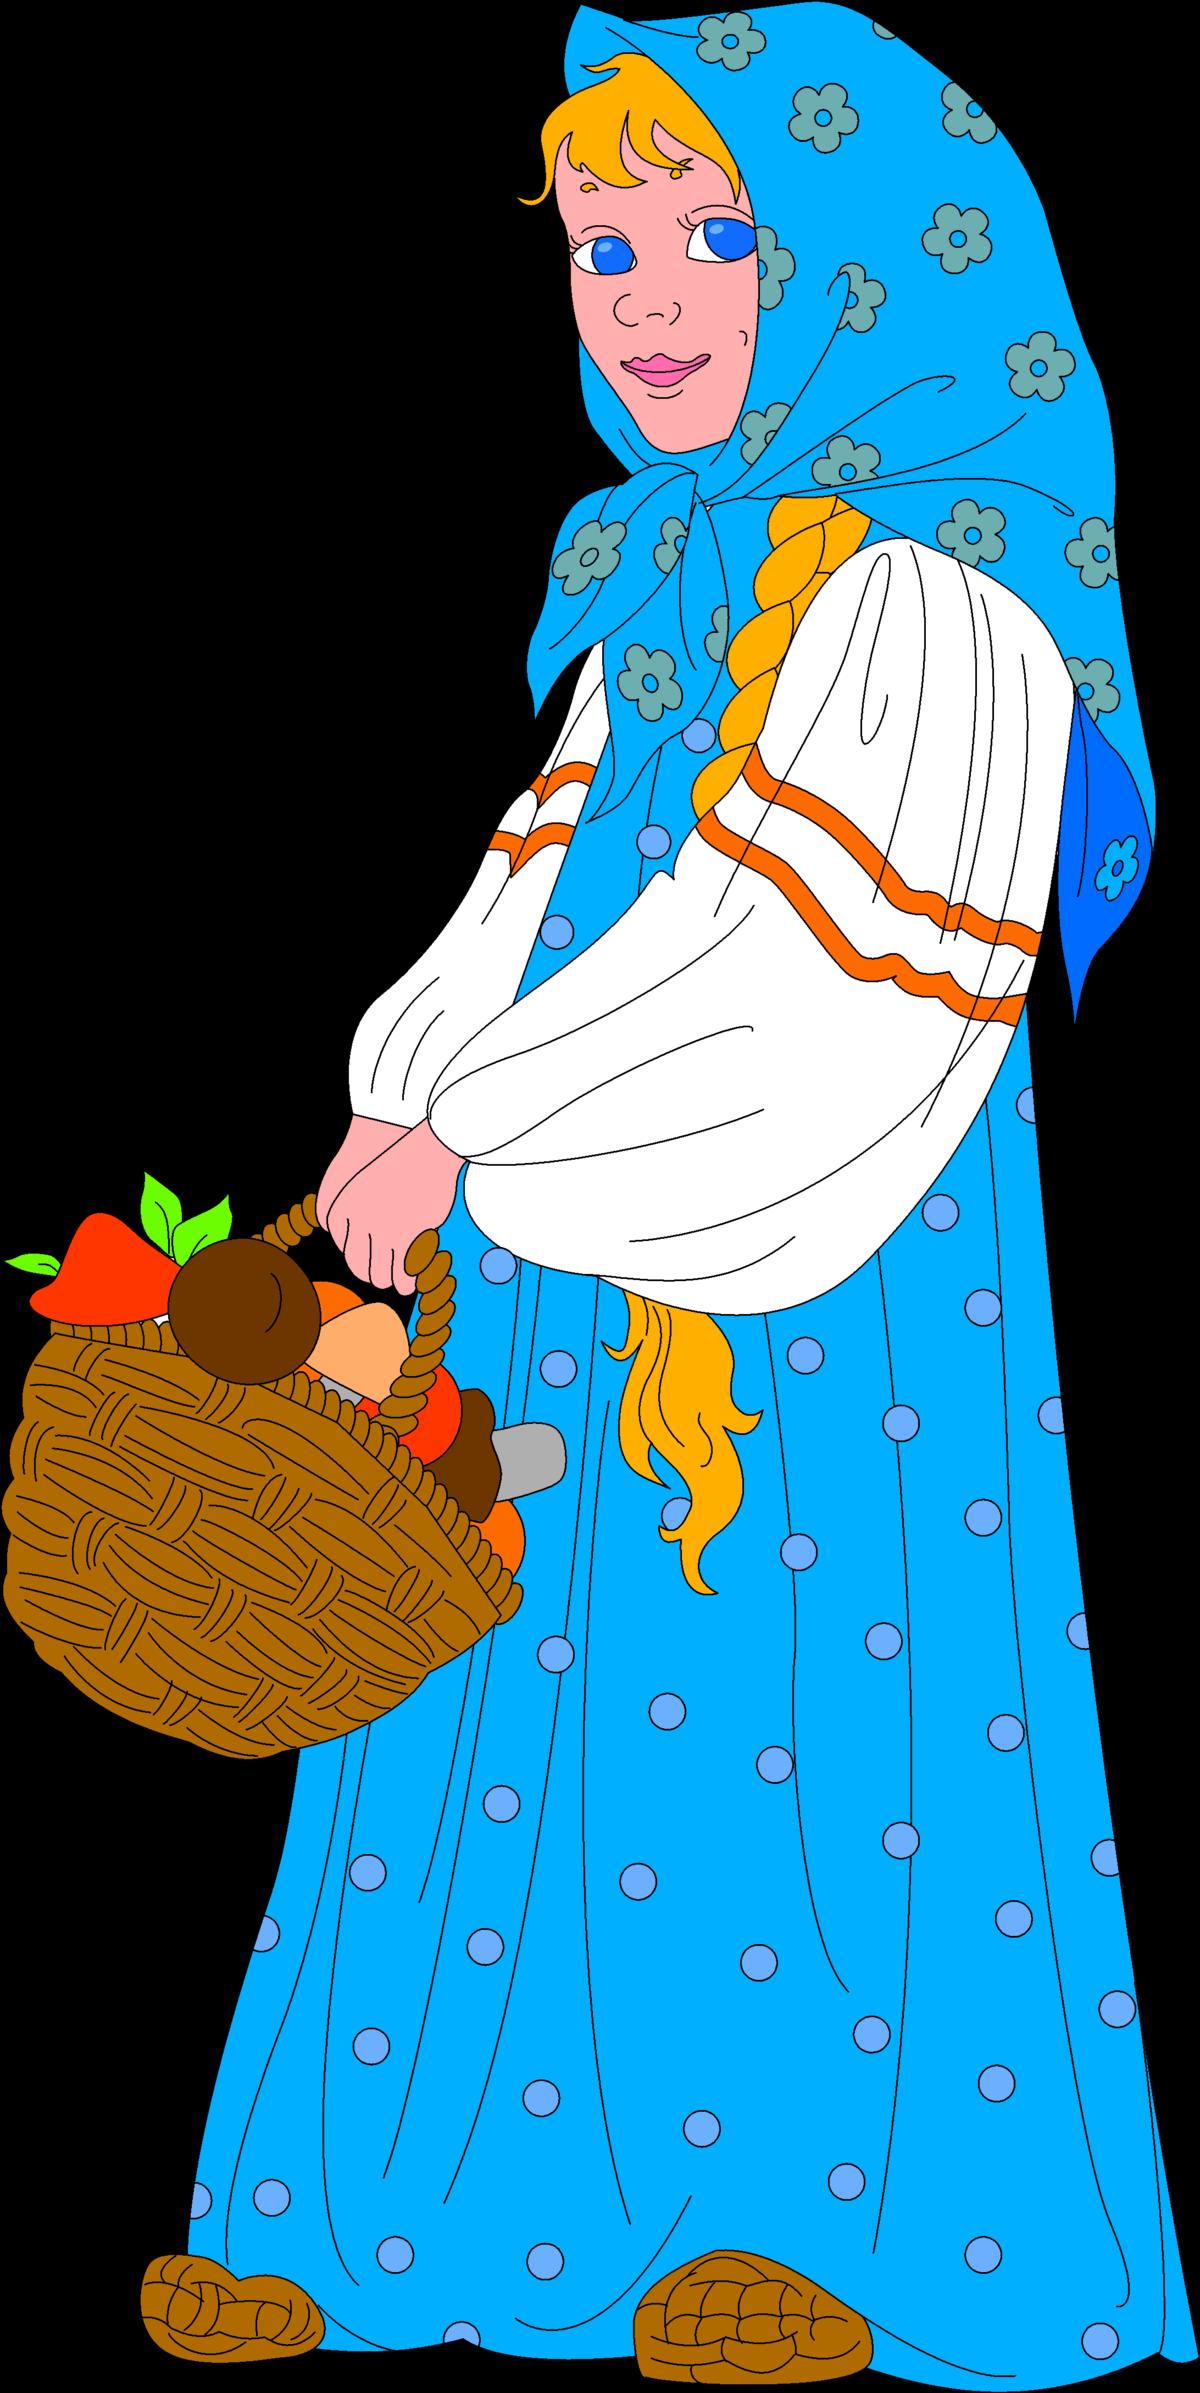 Картинки сказочных персонажей русских народных сказок, день рождения